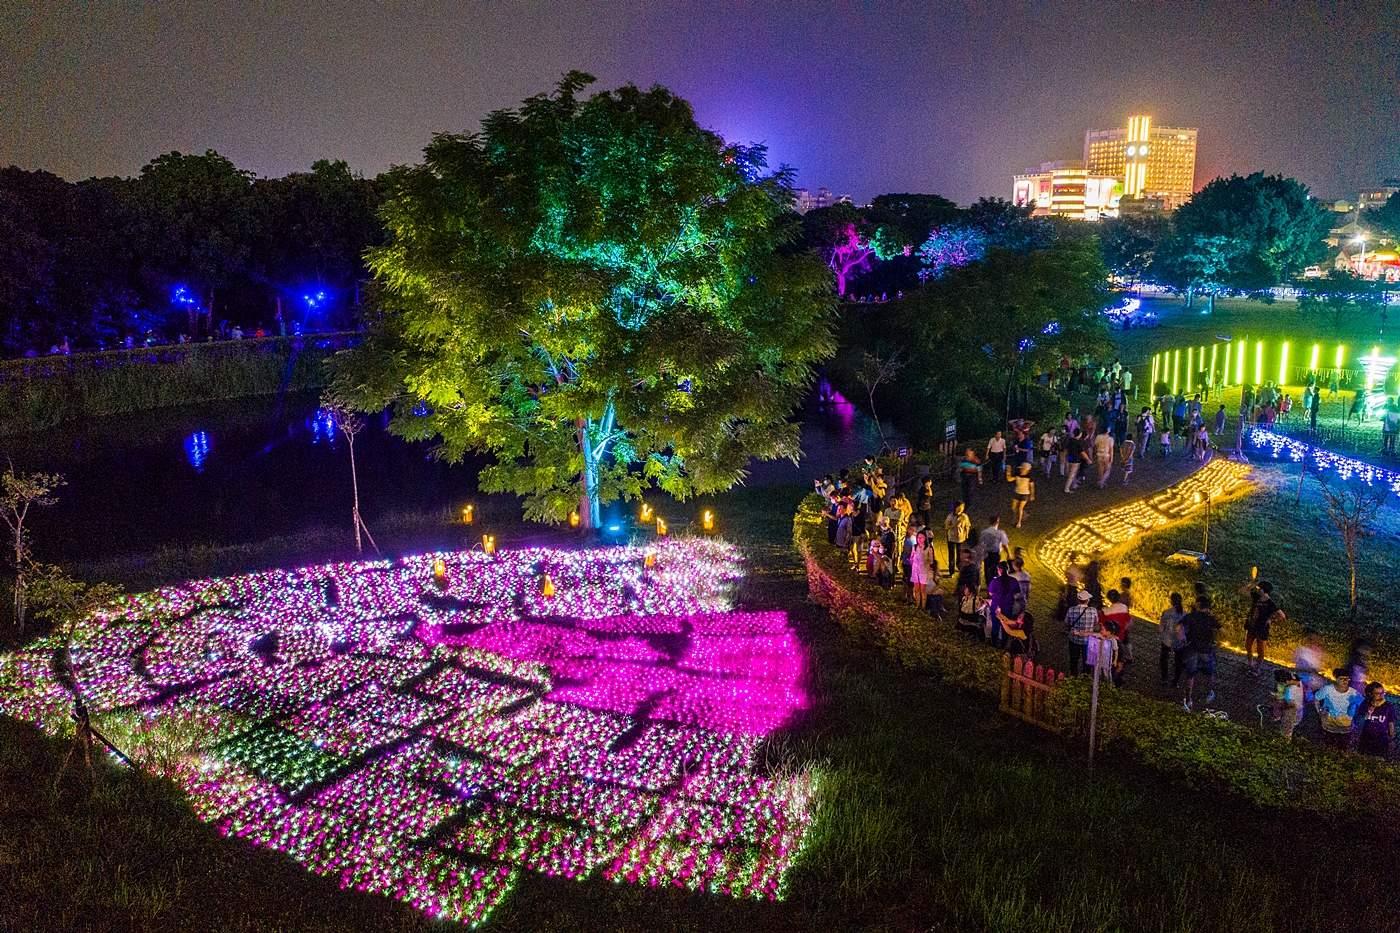 嘉義市北香湖公園光織影舞的展場令人驚艷不已。圖:嘉義市政府/提供